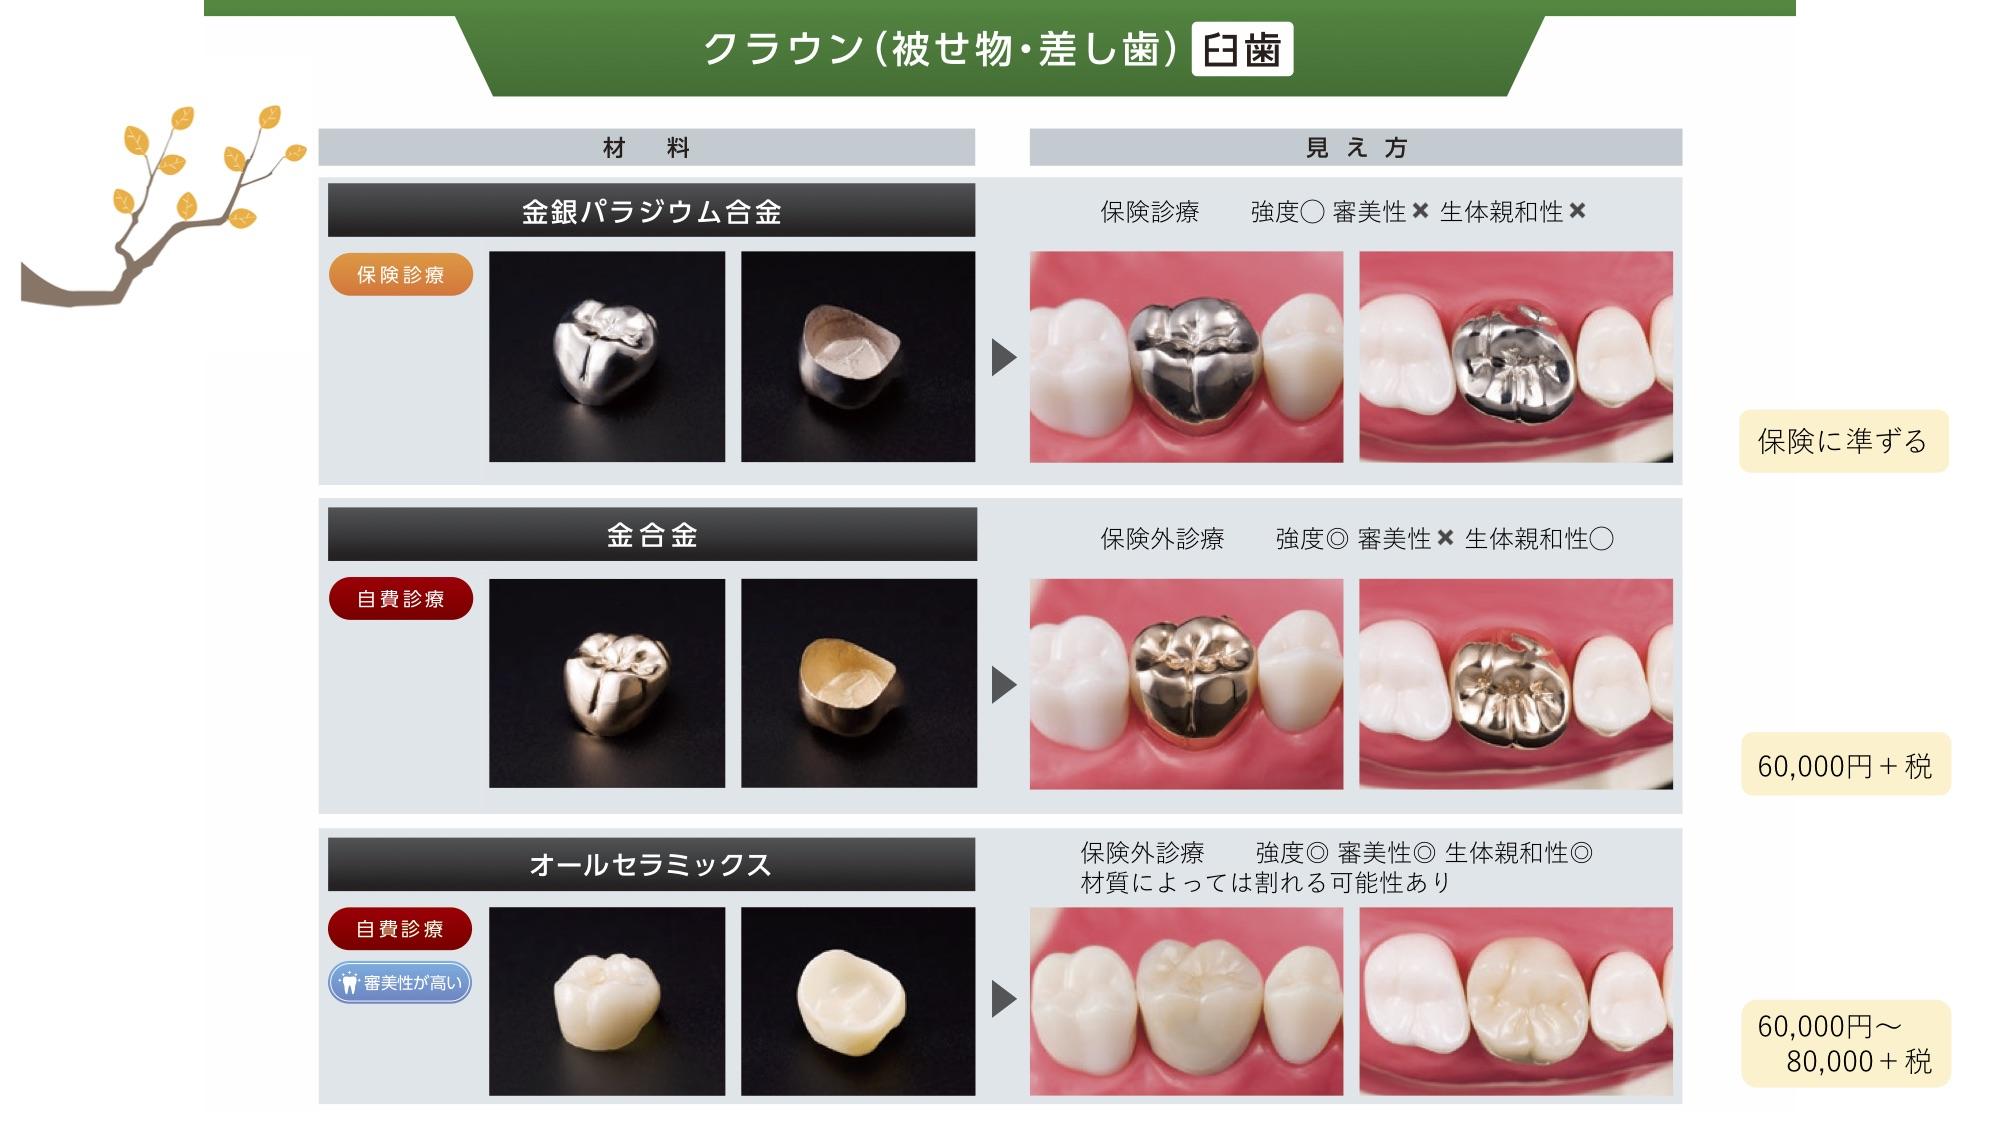 クラウン(臼歯)